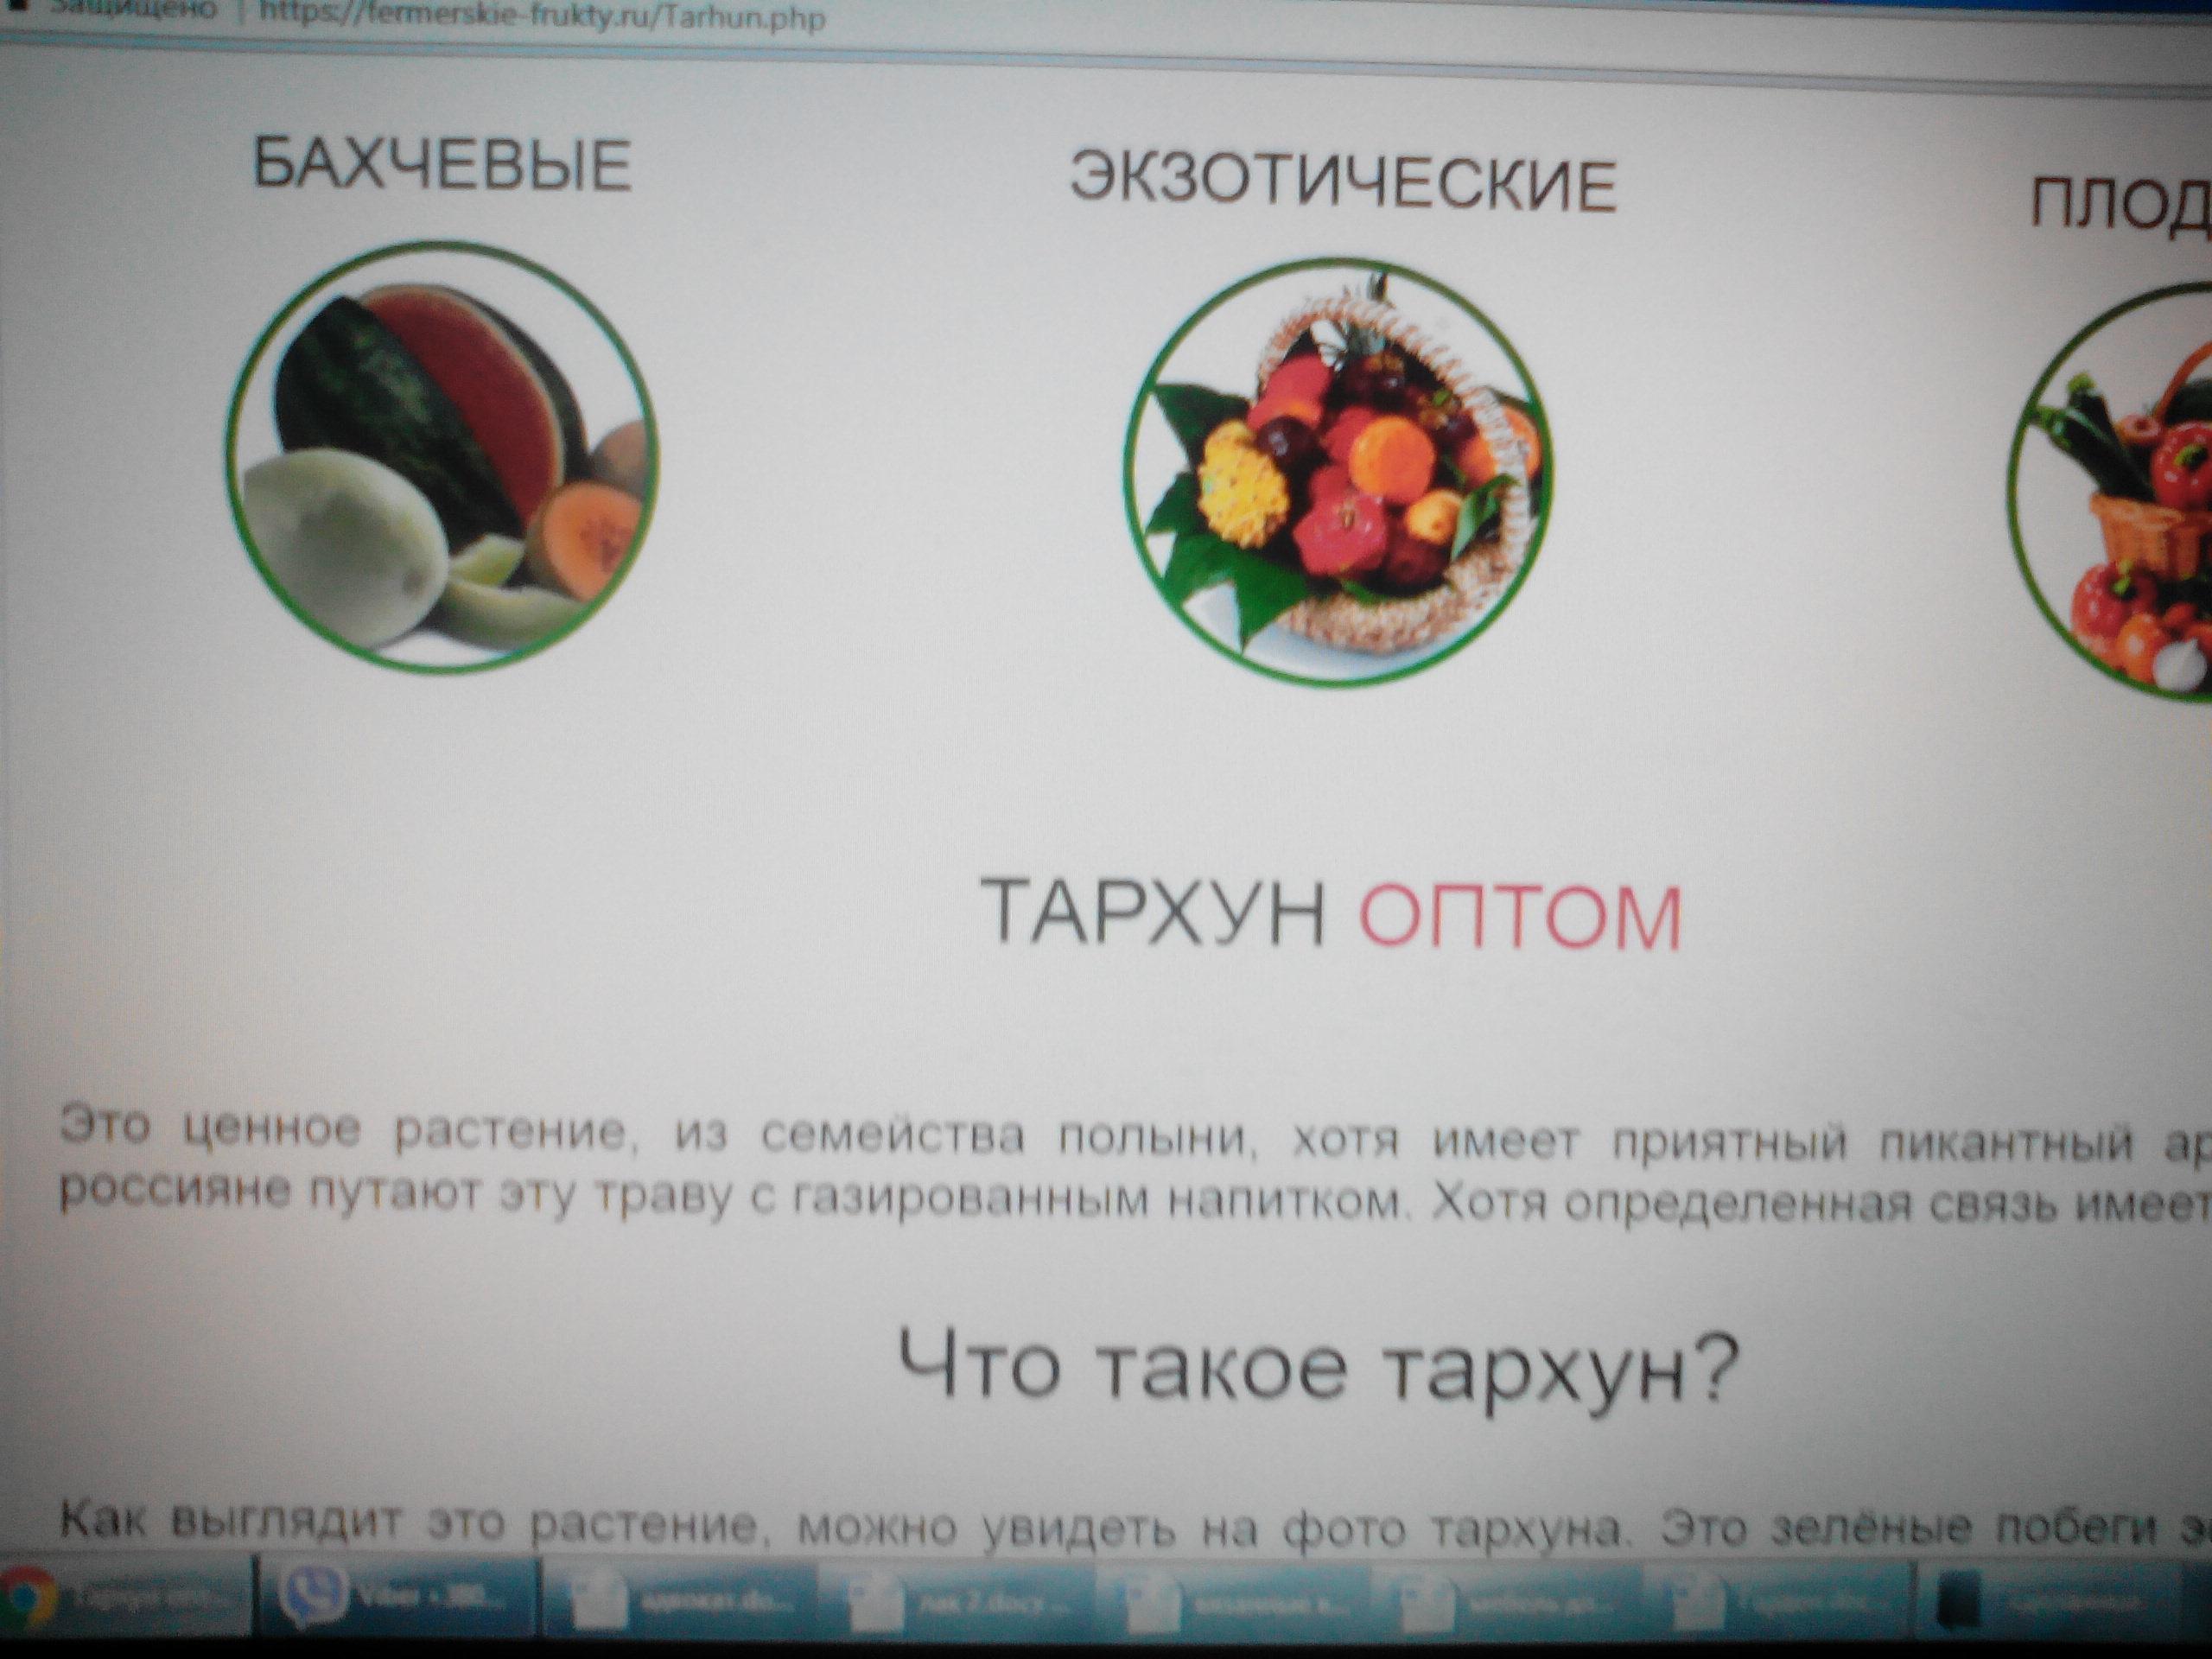 Фото описание продукции на сайте поставщика фруктов и овощей